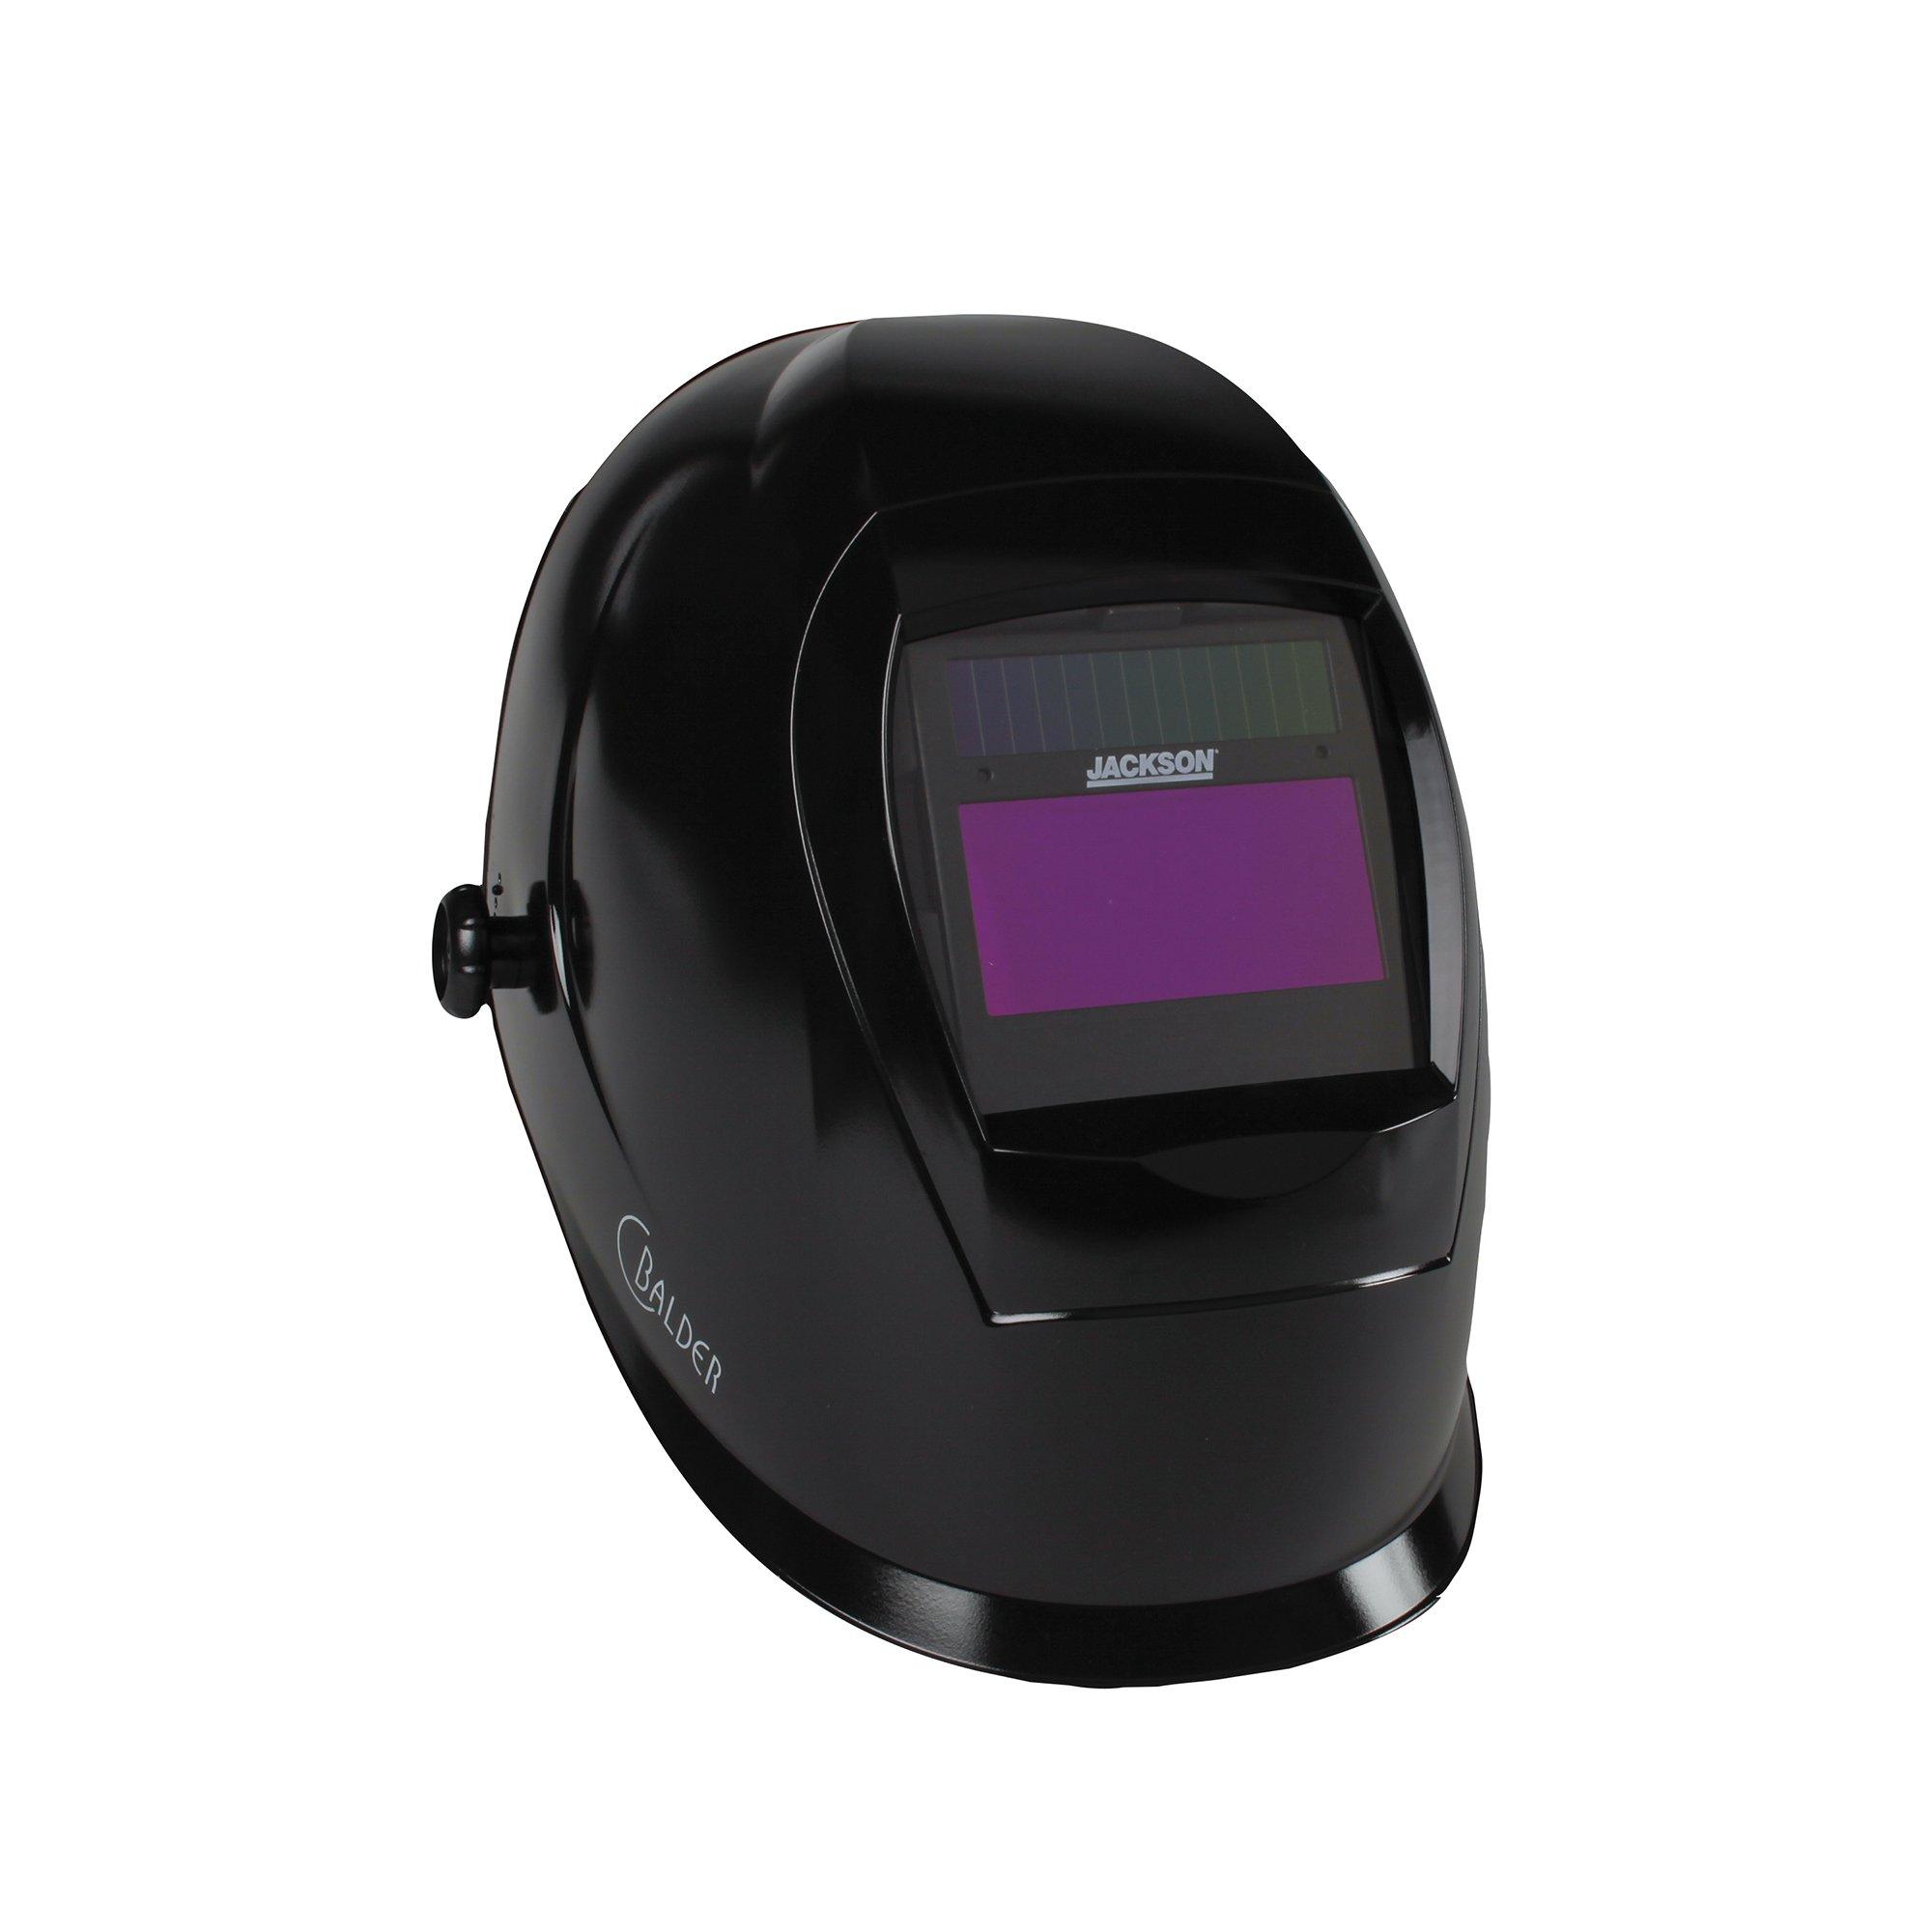 Jackson Safety SmarTIGer Variable Auto Darkening (ADF) Welding Helmet with Balder Technology (46140), Black